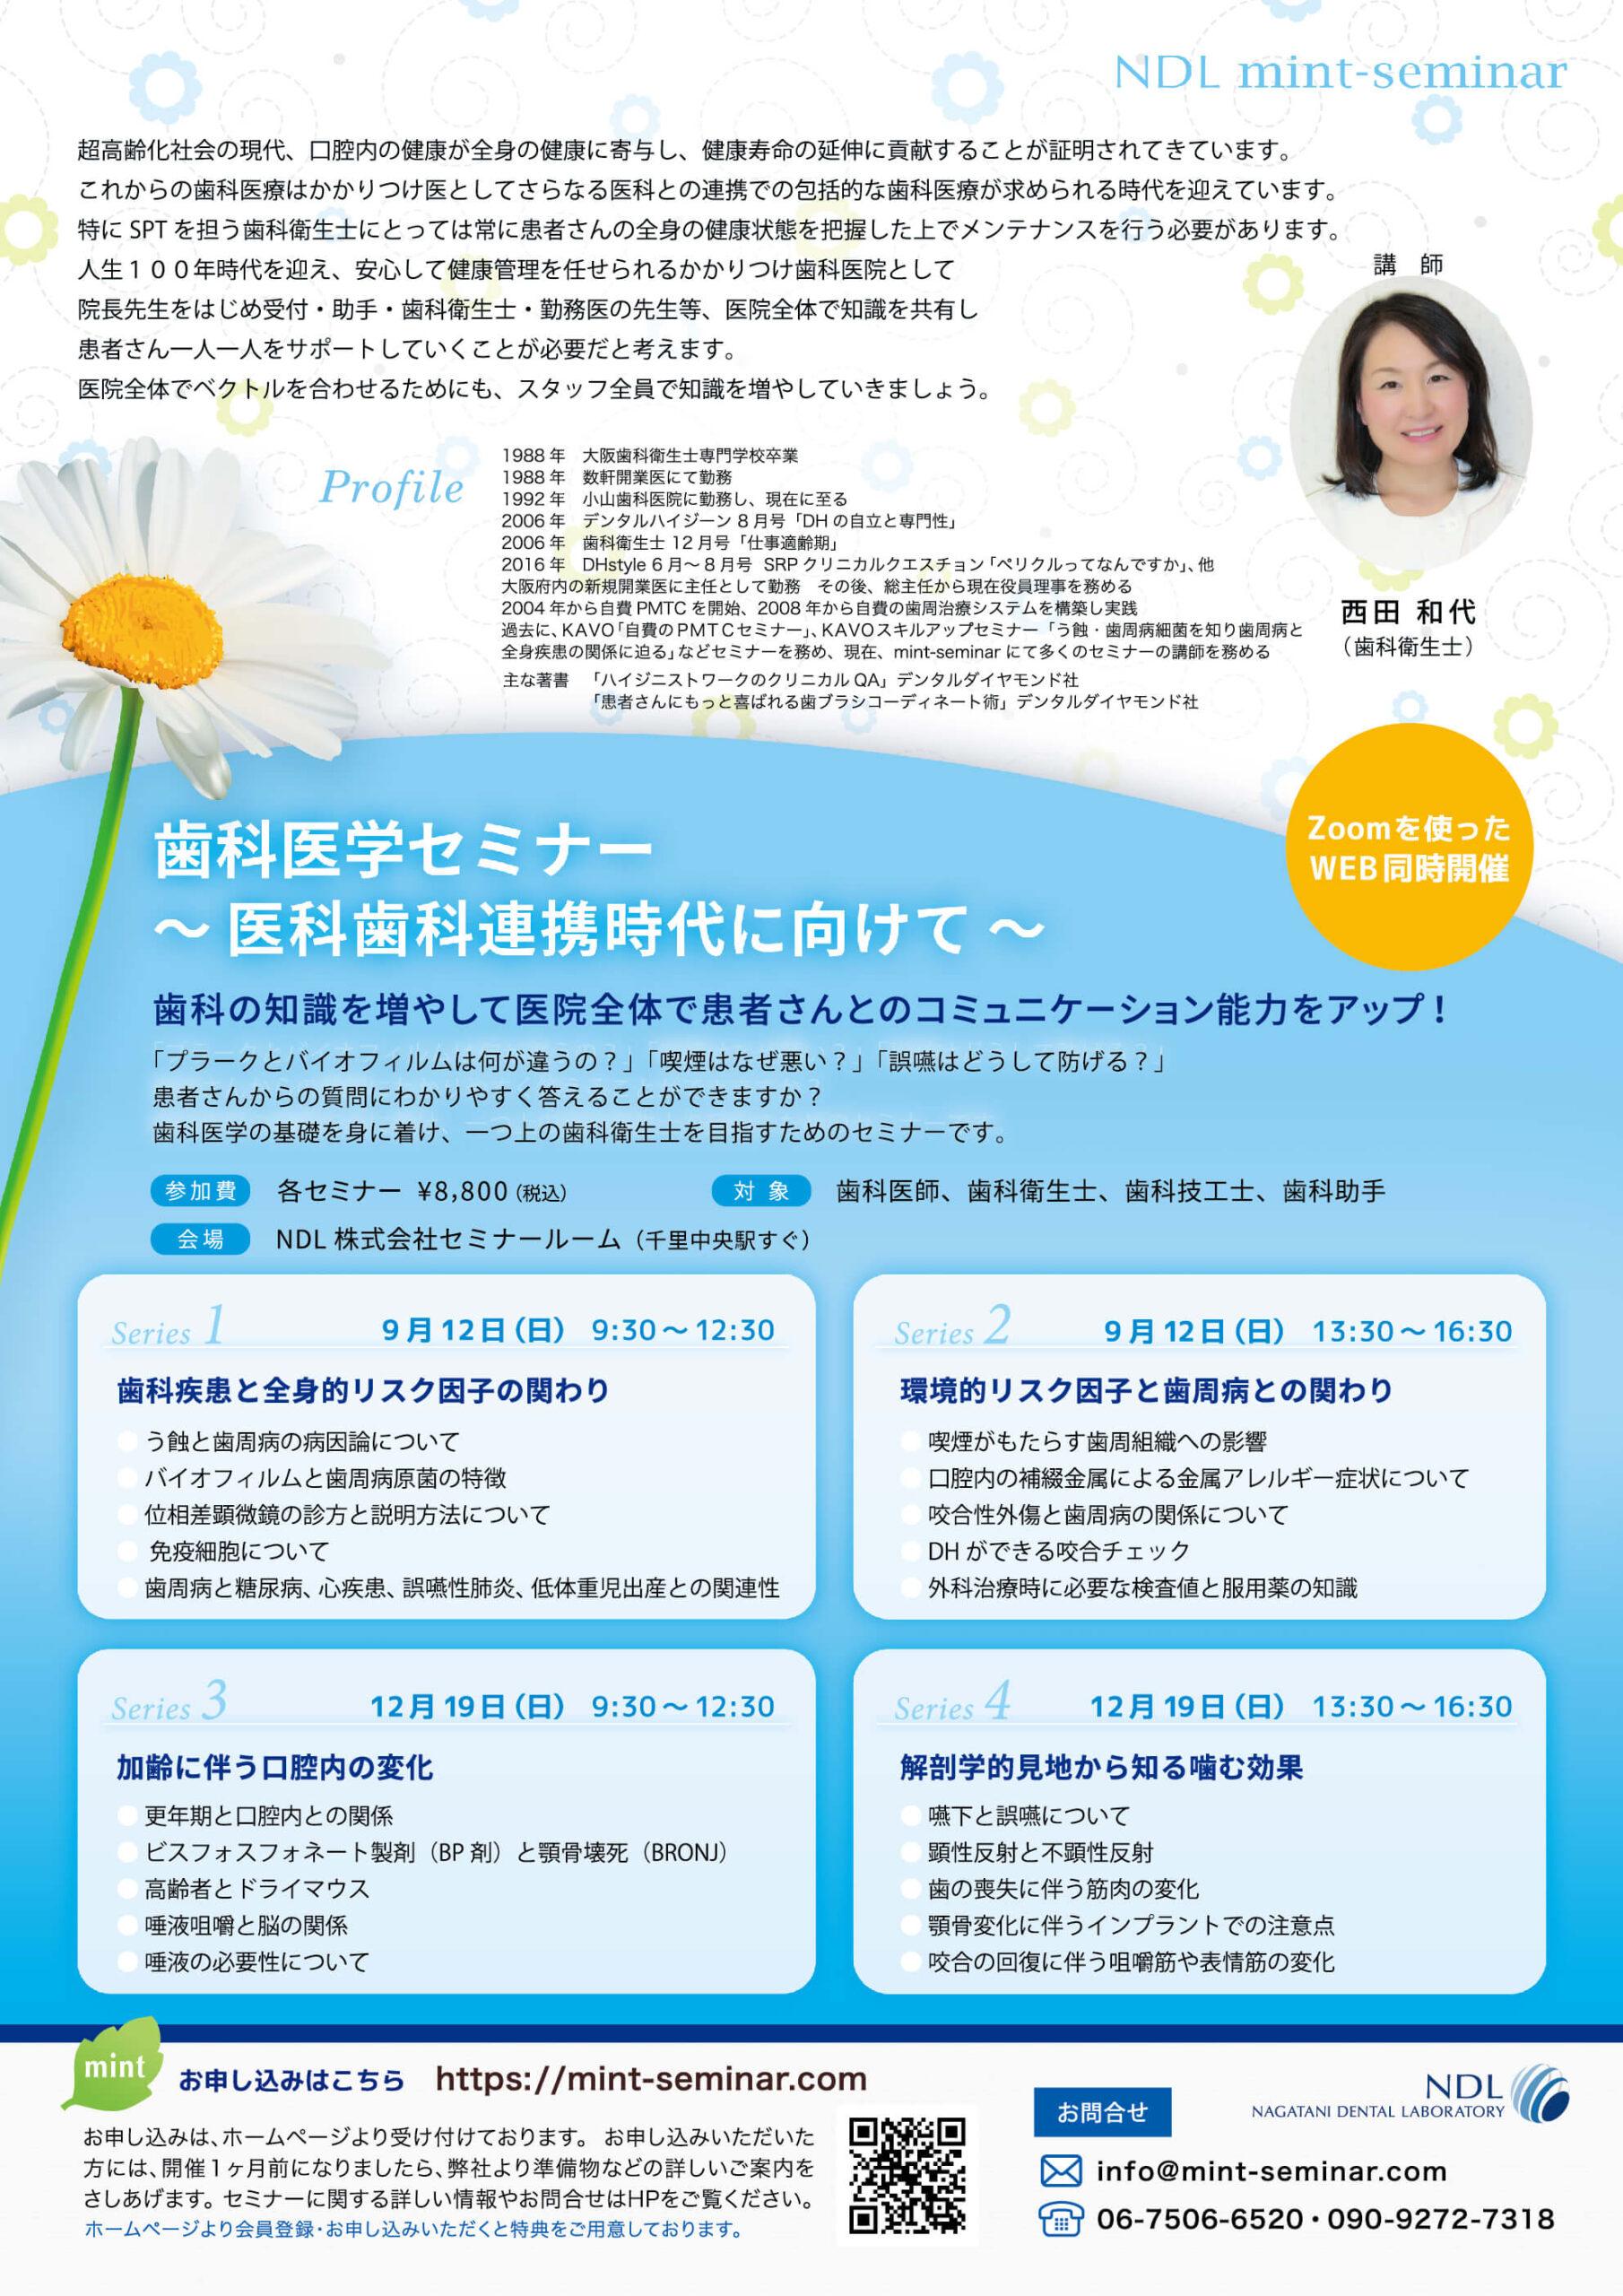 歯科医学セミナー〜医科歯科連携時代に向けて〜